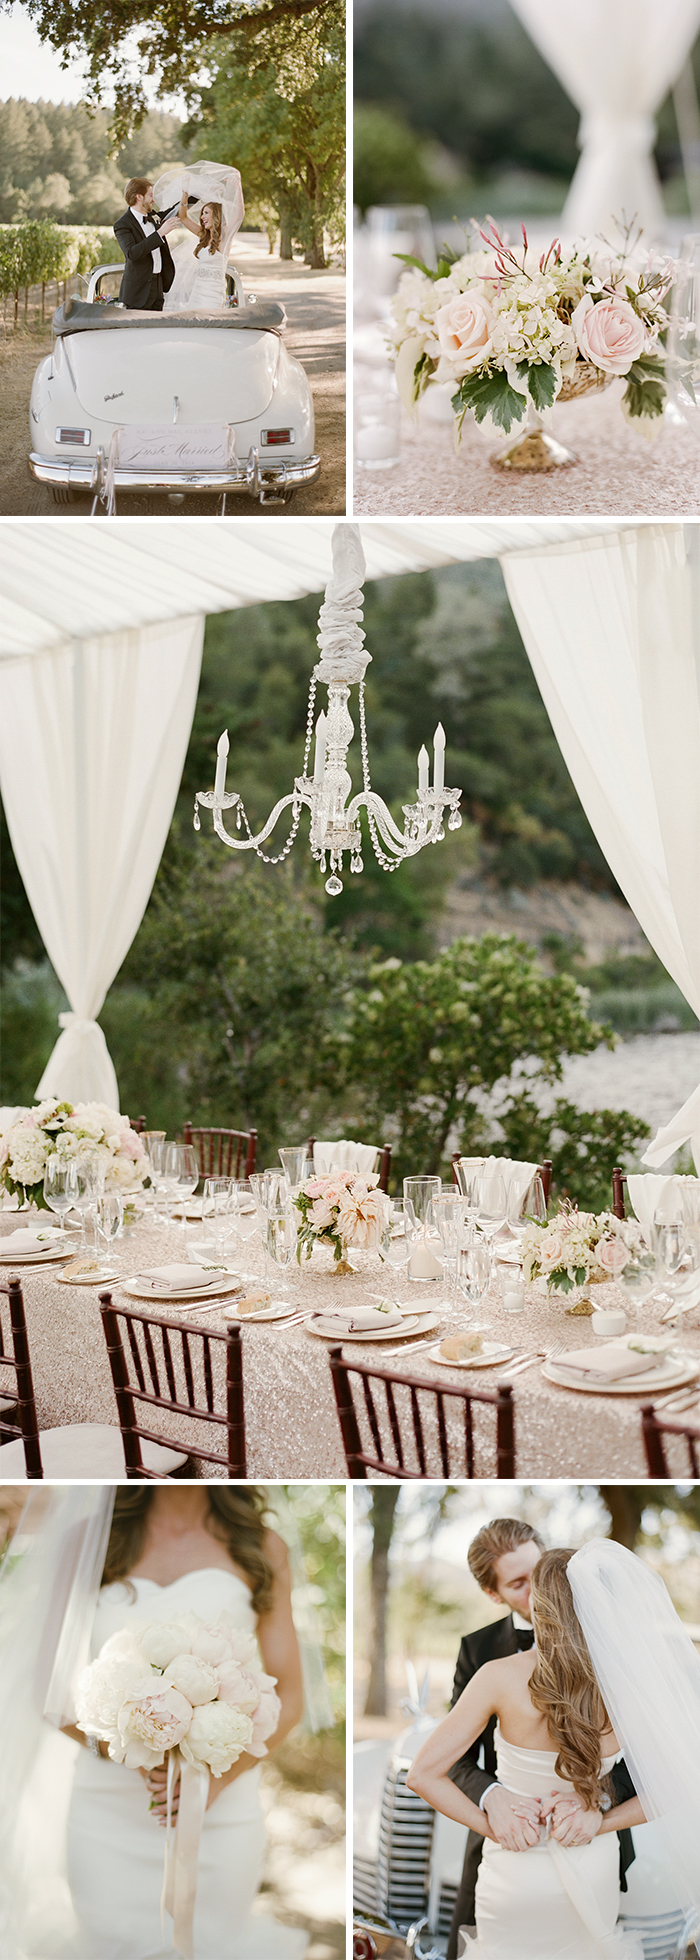 Sylvie-Gil-Wedding-Napa-Vinyard-Film-Bride-Veil-Packard-Chandelier-White-Peony-Roses.jpg